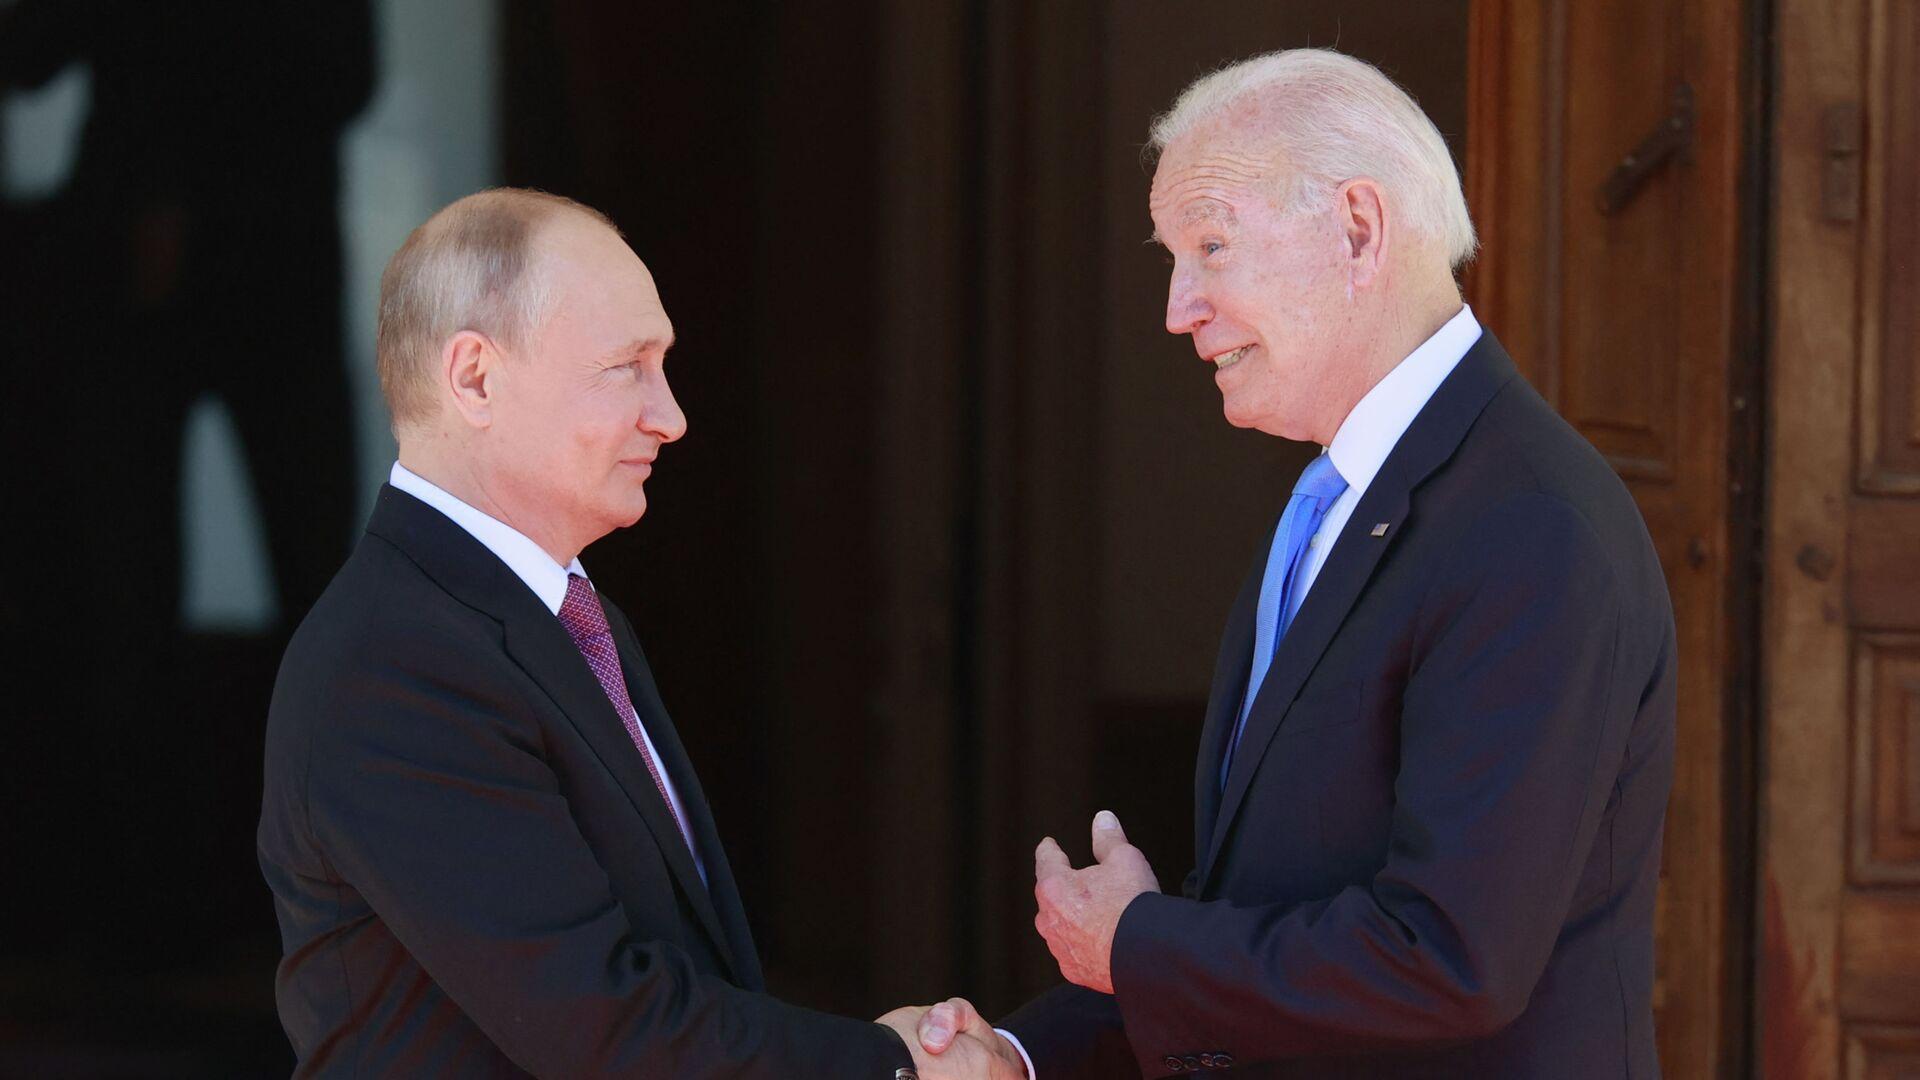 Prezydent Rosji Władimir Putin i prezydent USA Joe Biden podczas spotkania w Genewie - Sputnik Polska, 1920, 17.07.2021